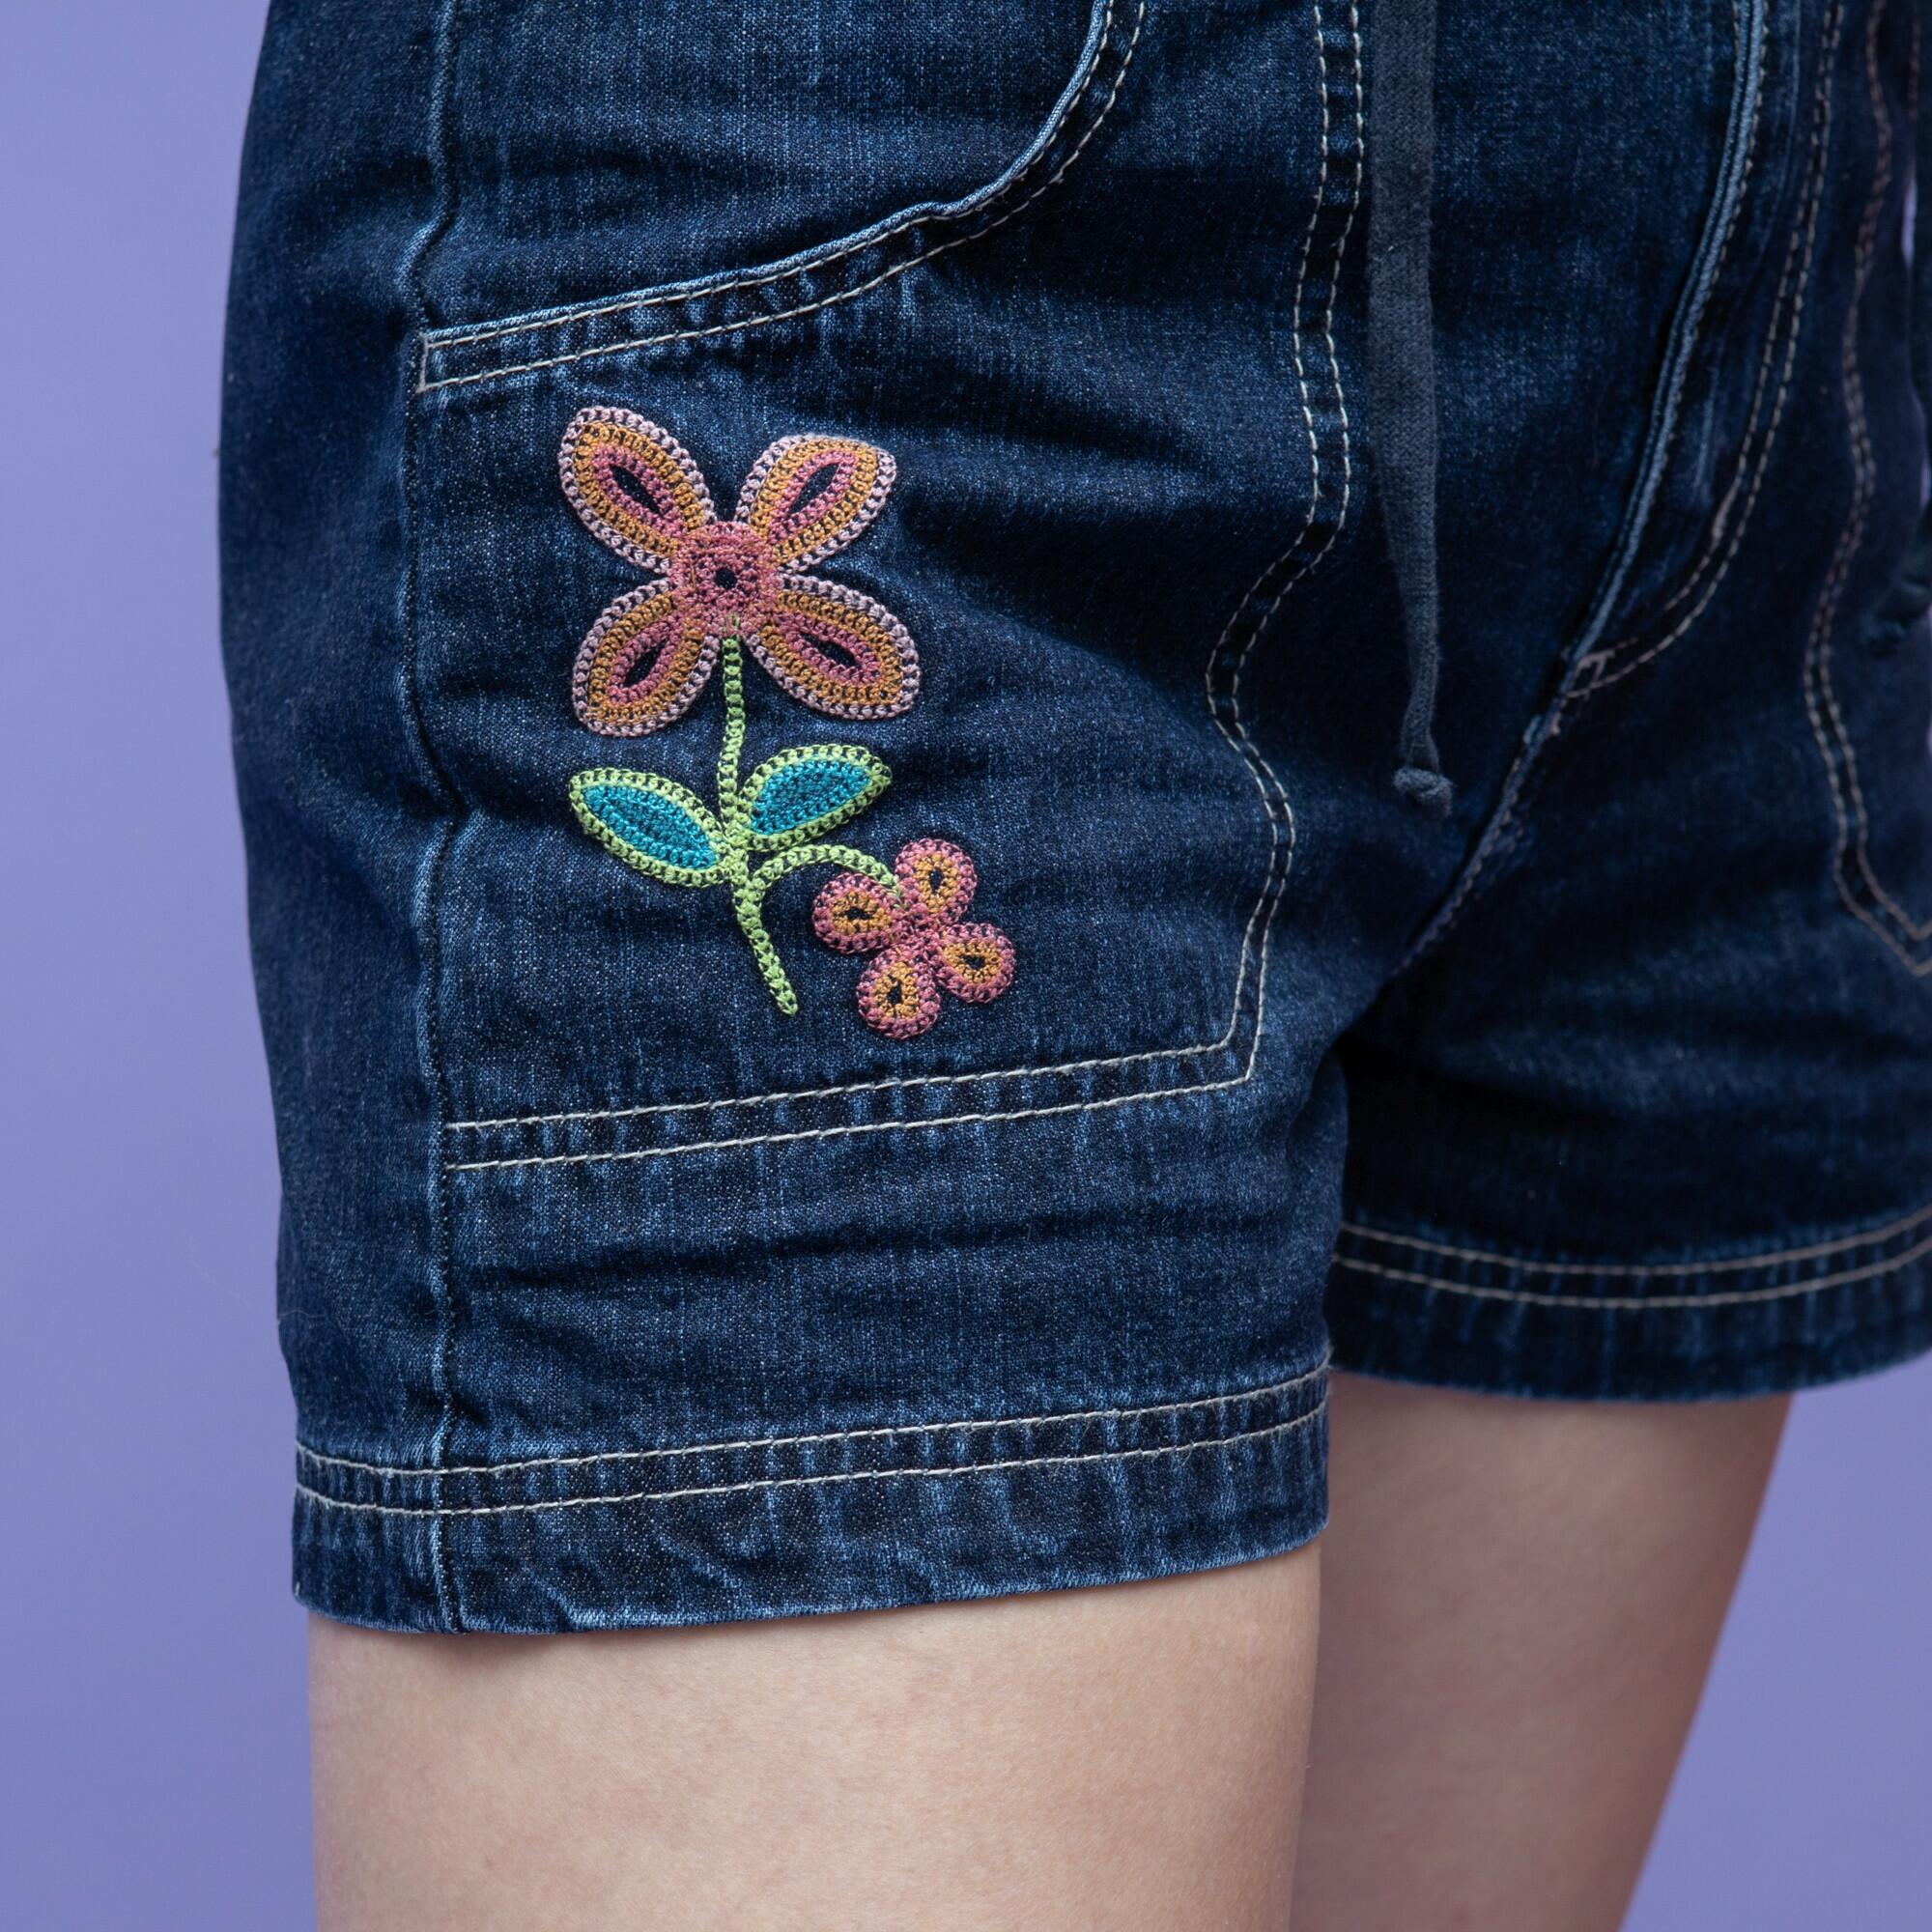 Jeansowe spodenki z kwiatkiem marki Gasoline - KEX Vintage Store   JestemSlow.pl